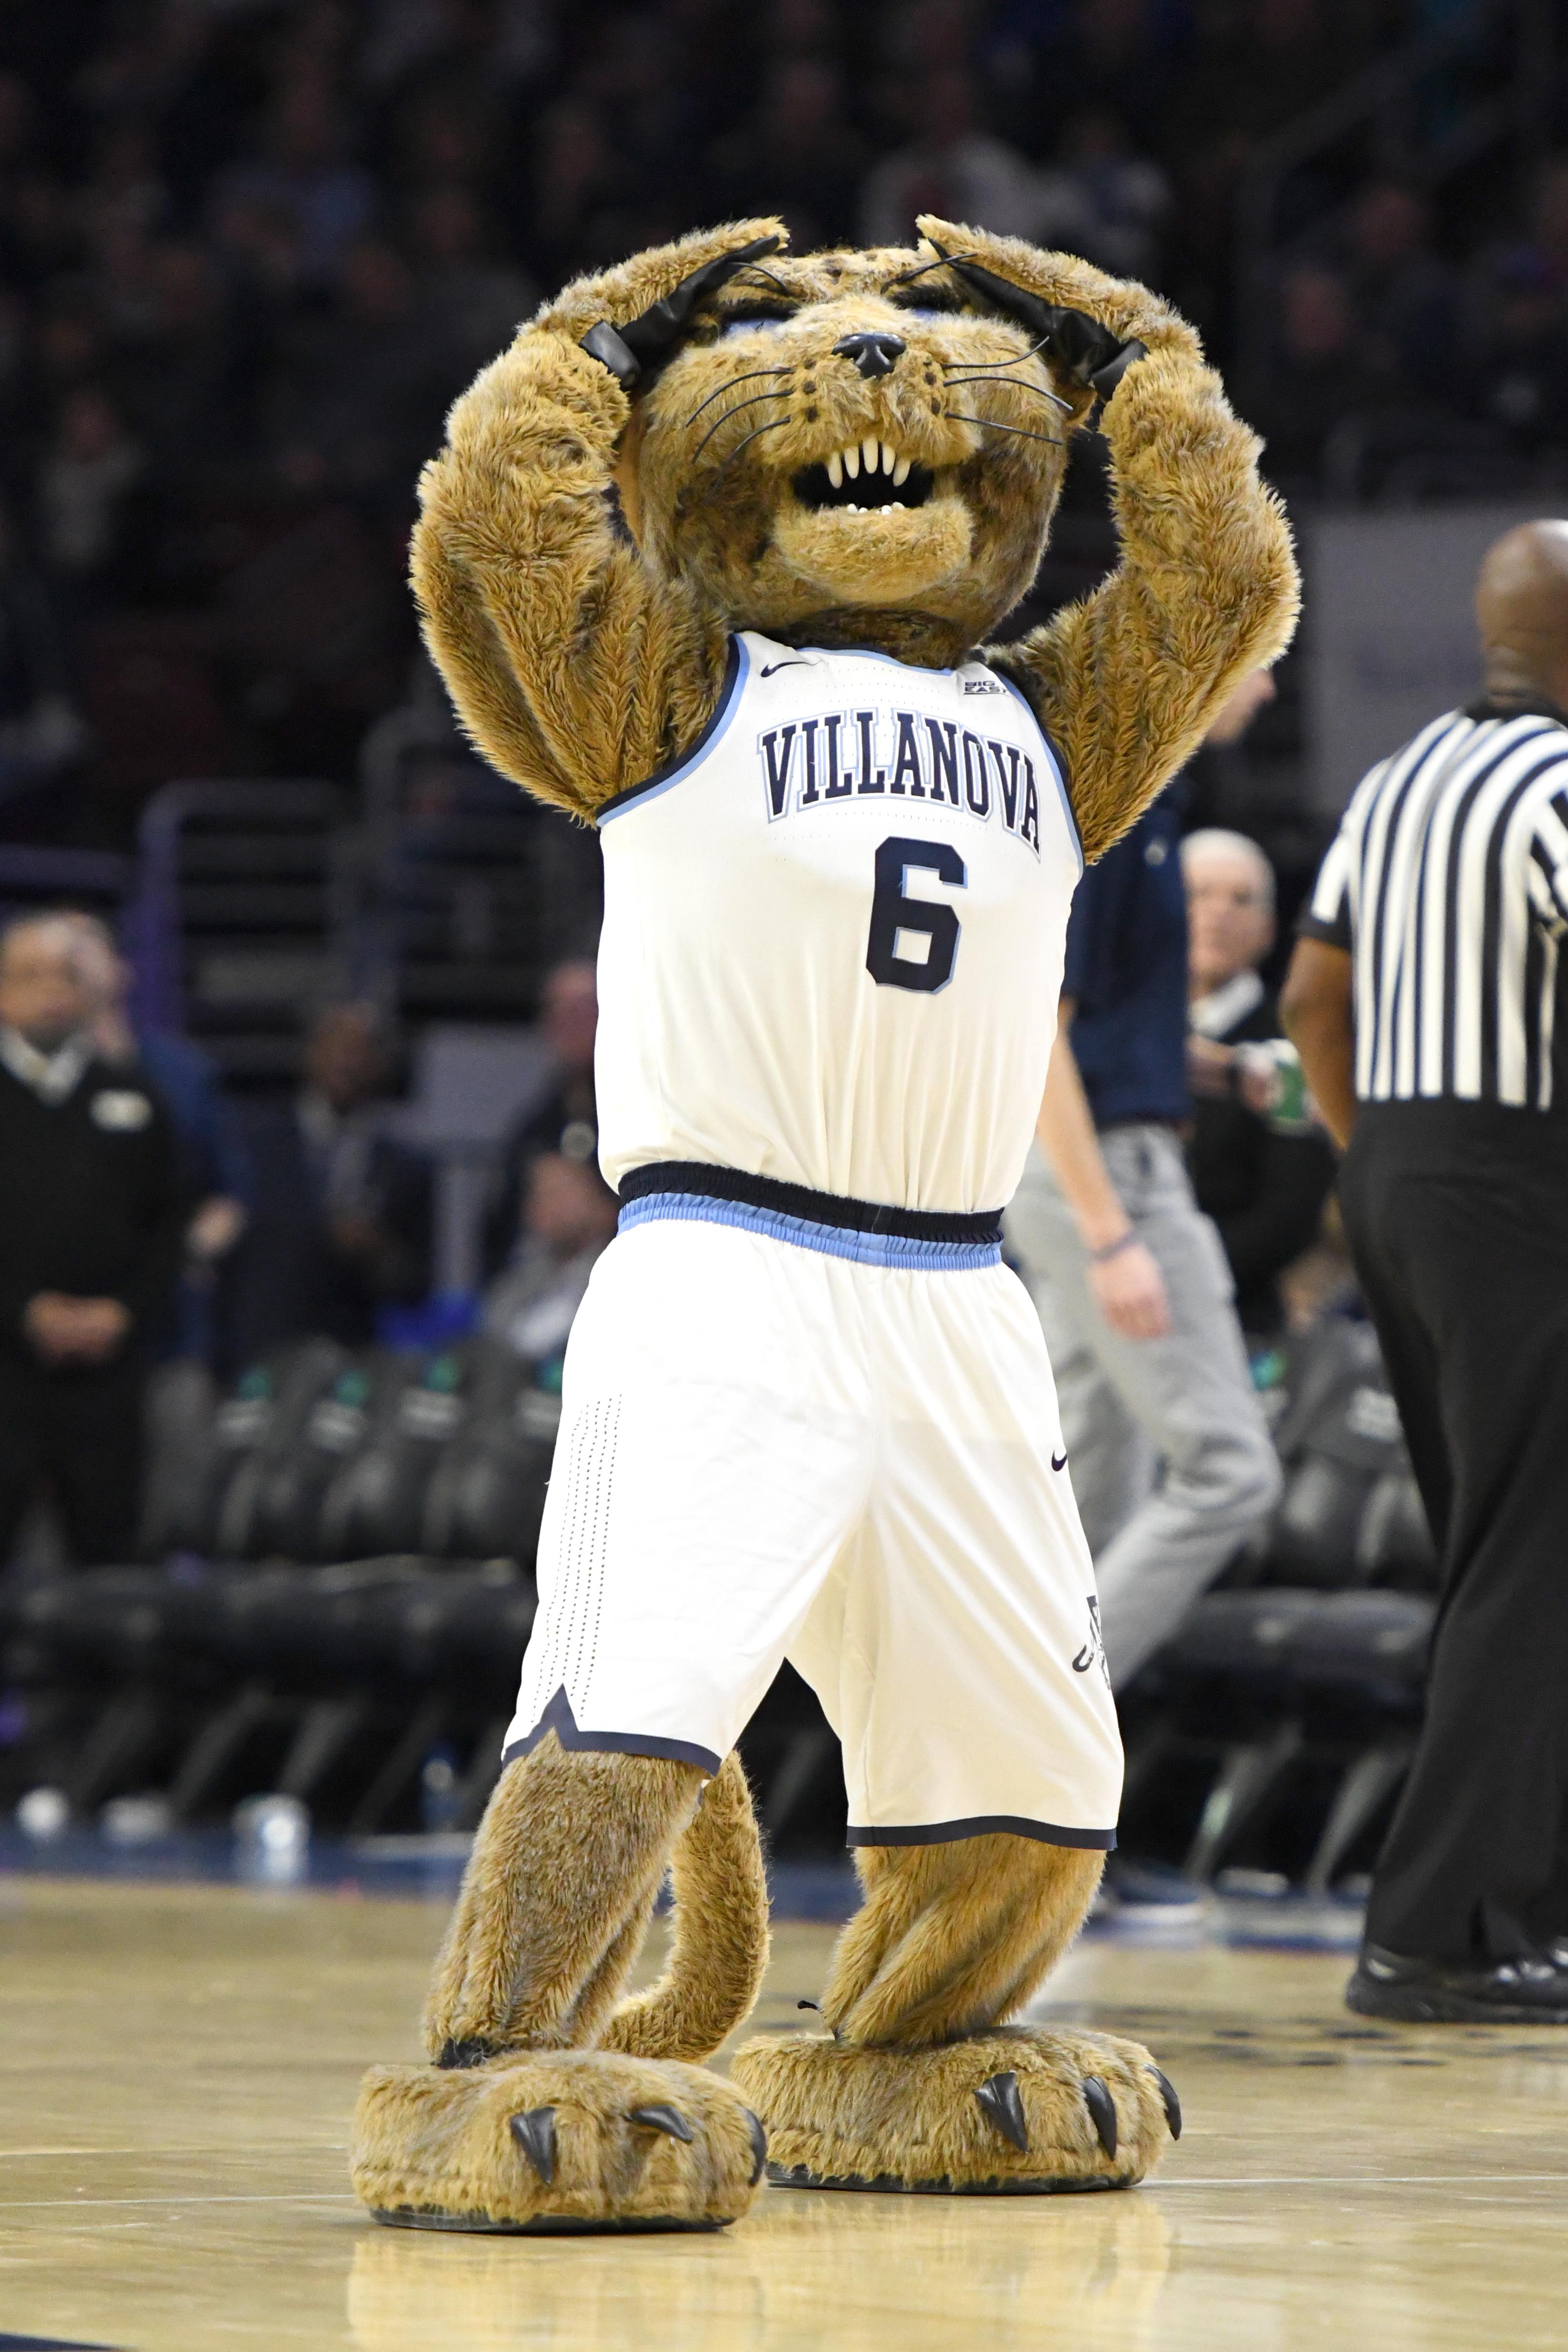 Georgetown v Villanova